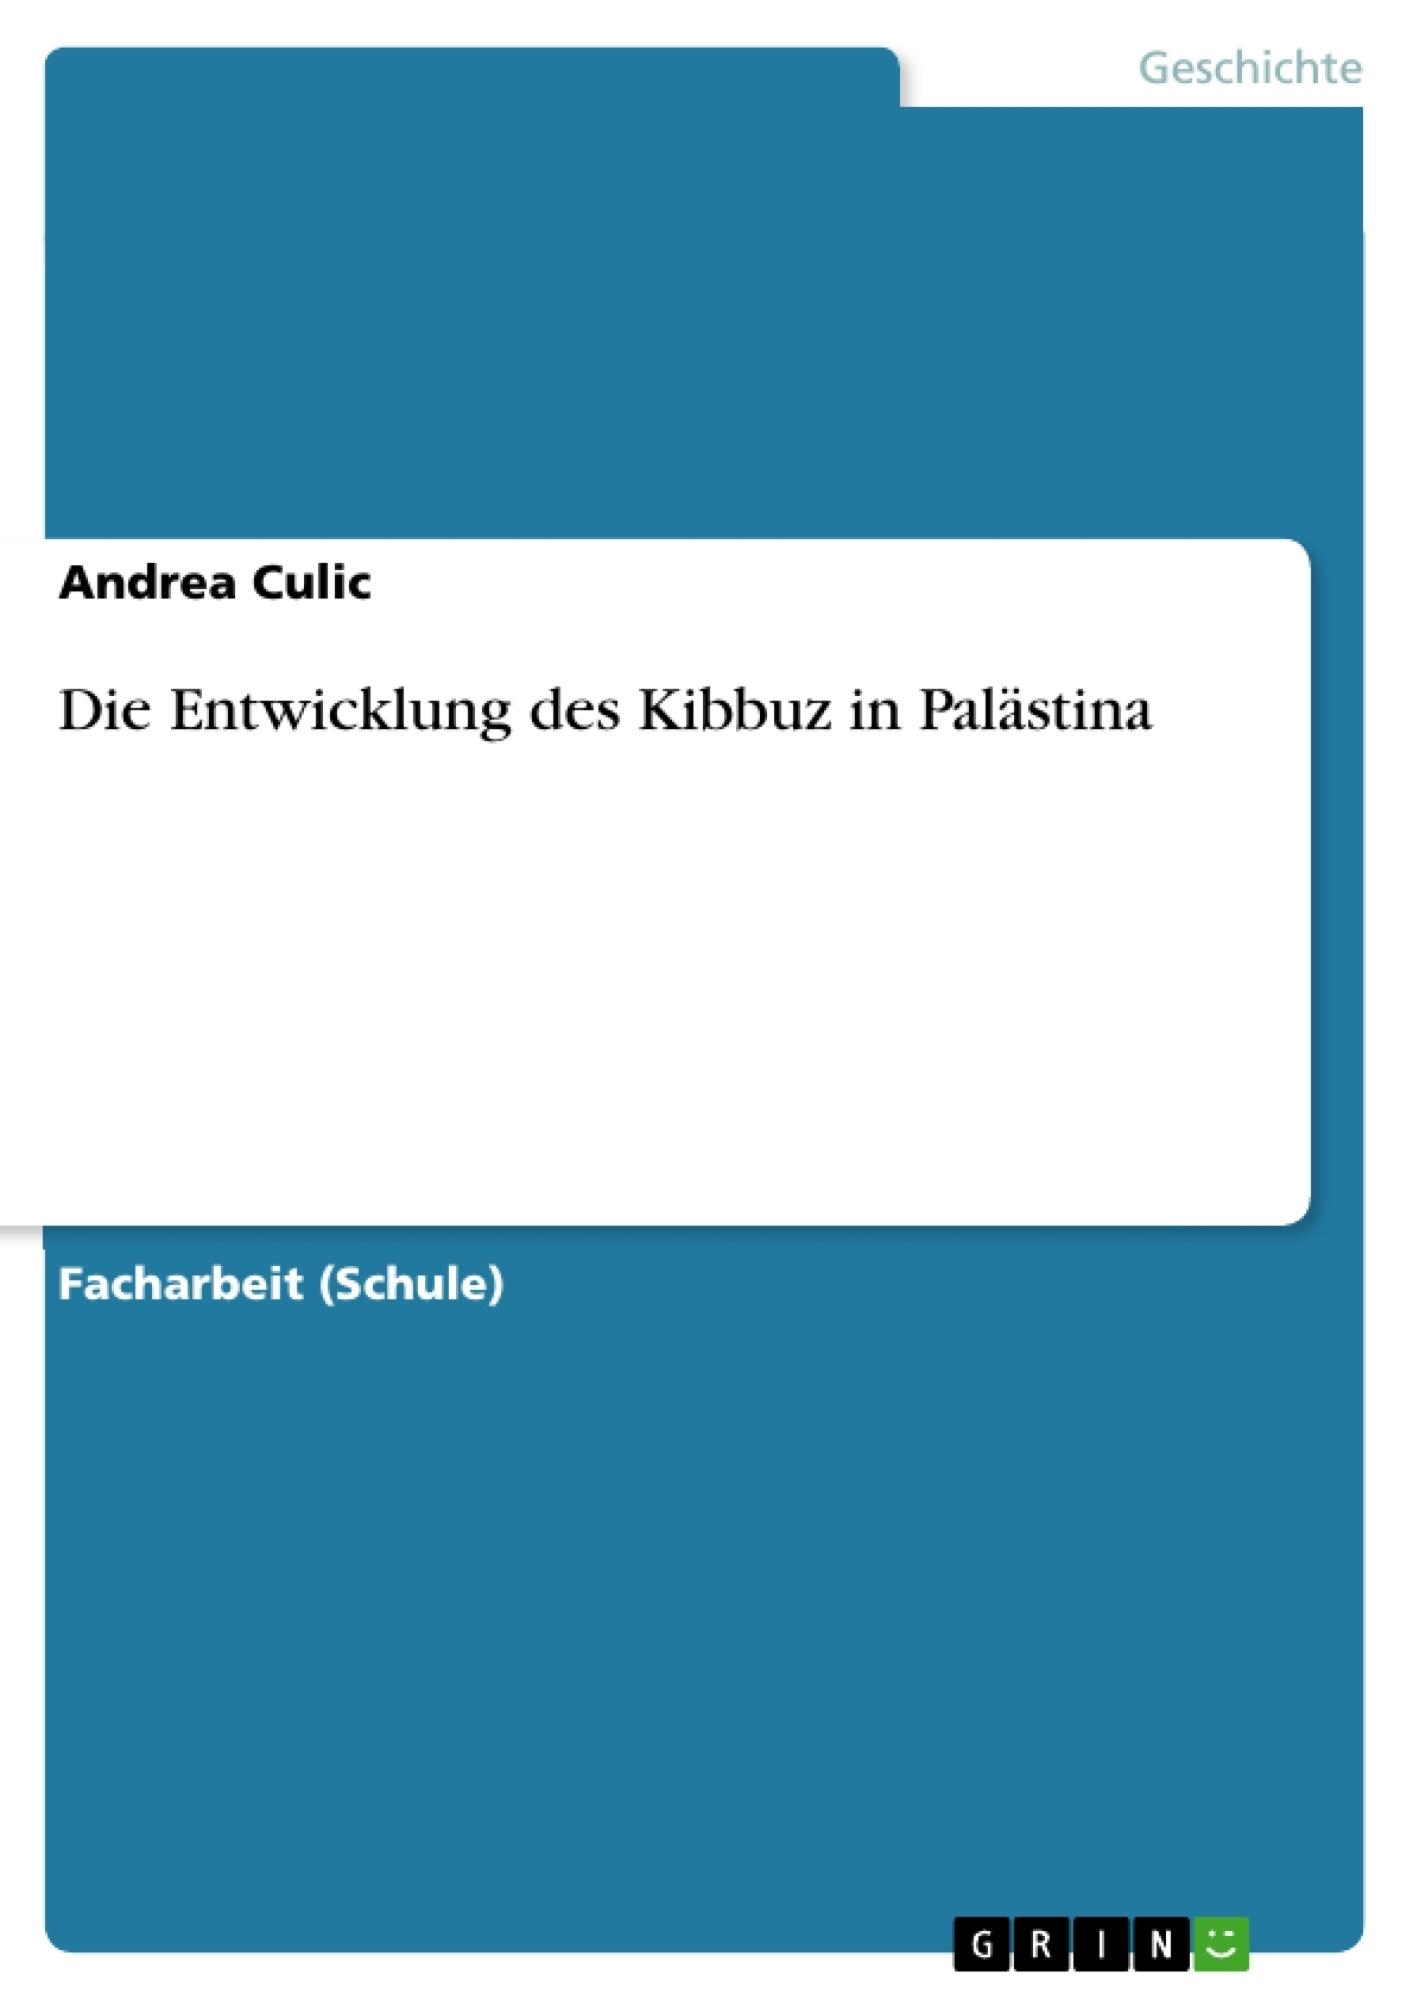 Titel: Die Entwicklung des Kibbuz in Palästina